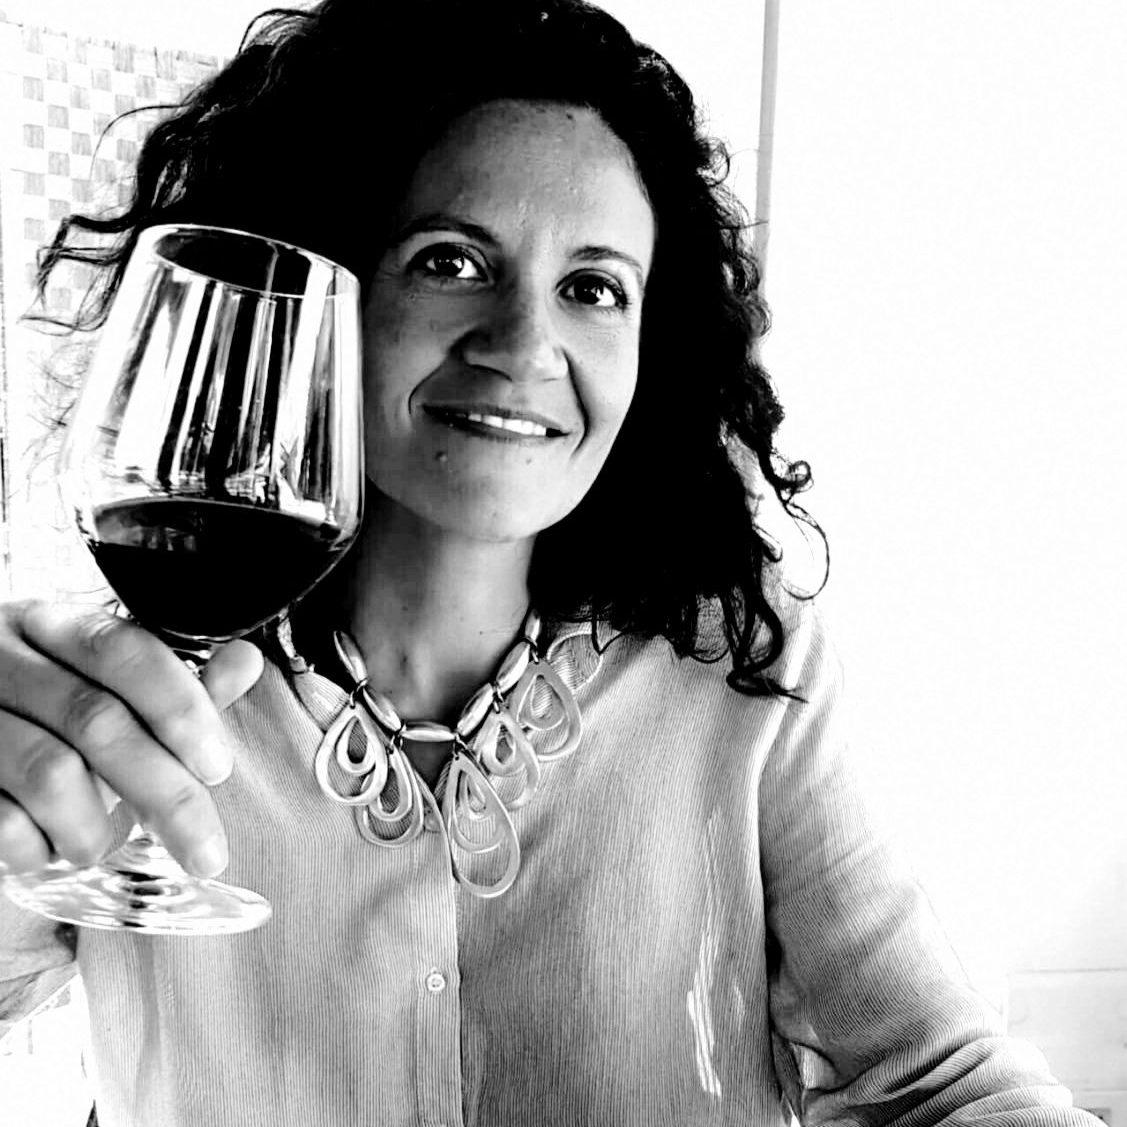 hesperia-red-white-wine-making-producing-south-italy-anna-della-porta-04